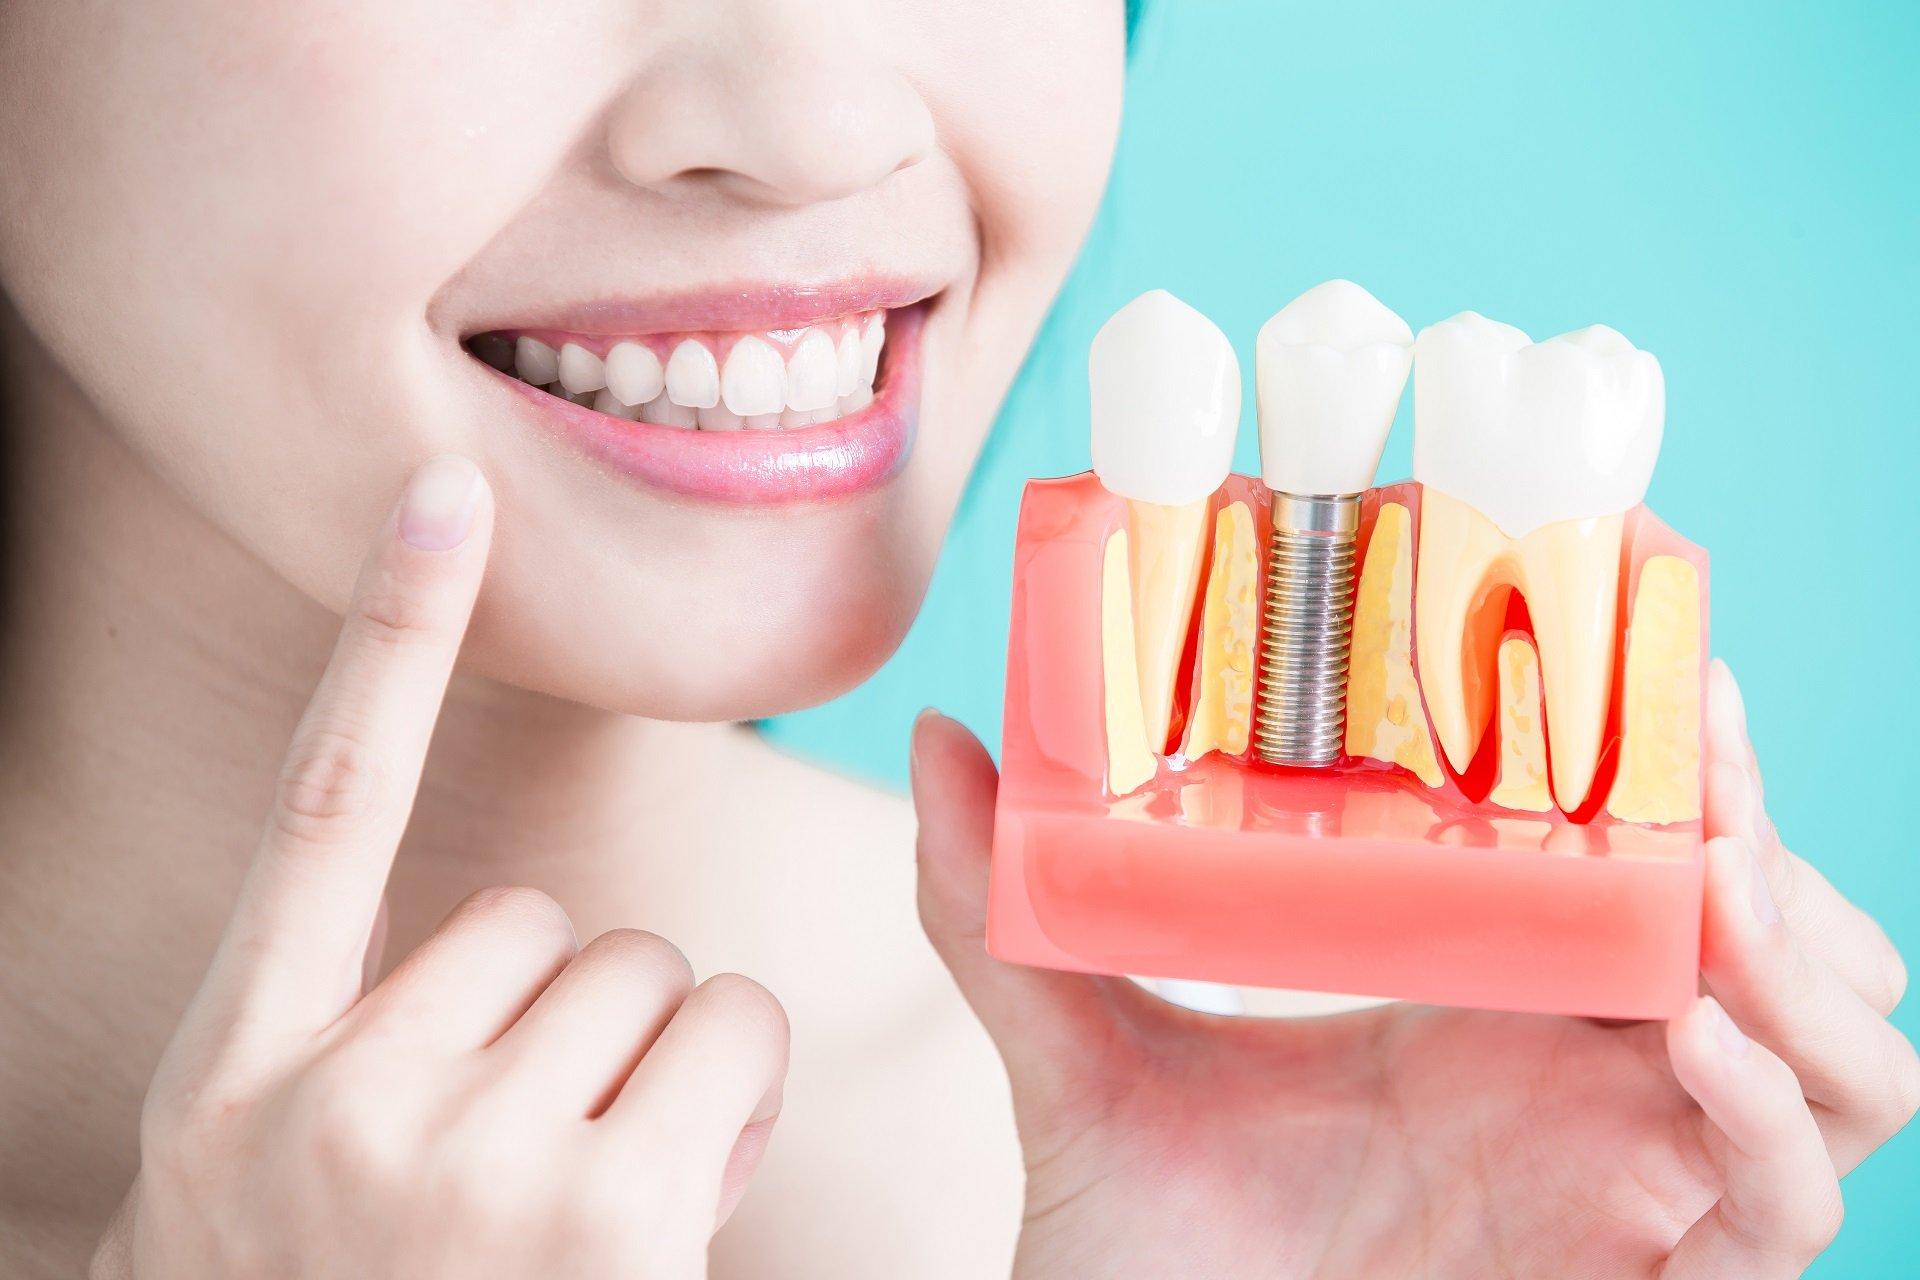 Имплантация зубов: что должен знать пациент